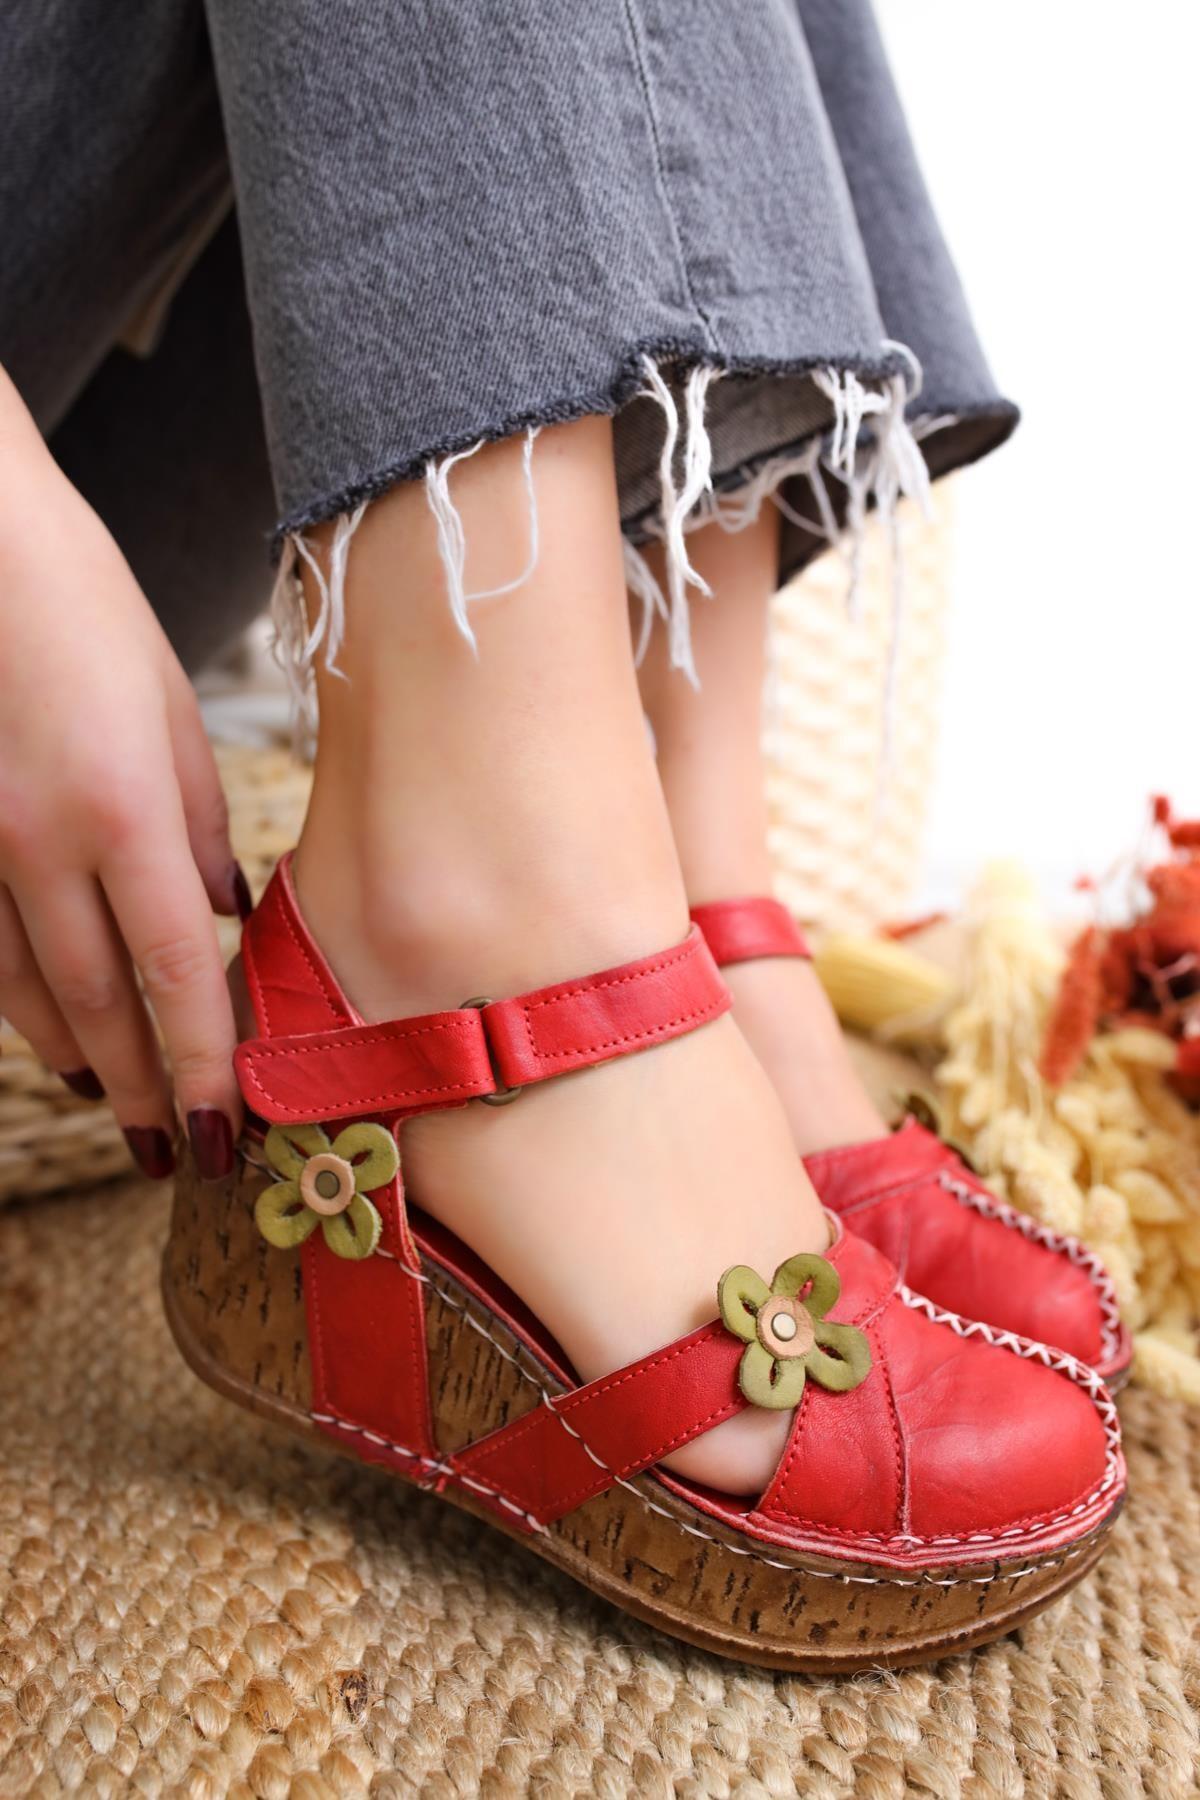 Katlyn Kırmızı Hakiki Deri Çiçek Detaylı Burnu Kapalı Dolgu Topuklu Sandalet